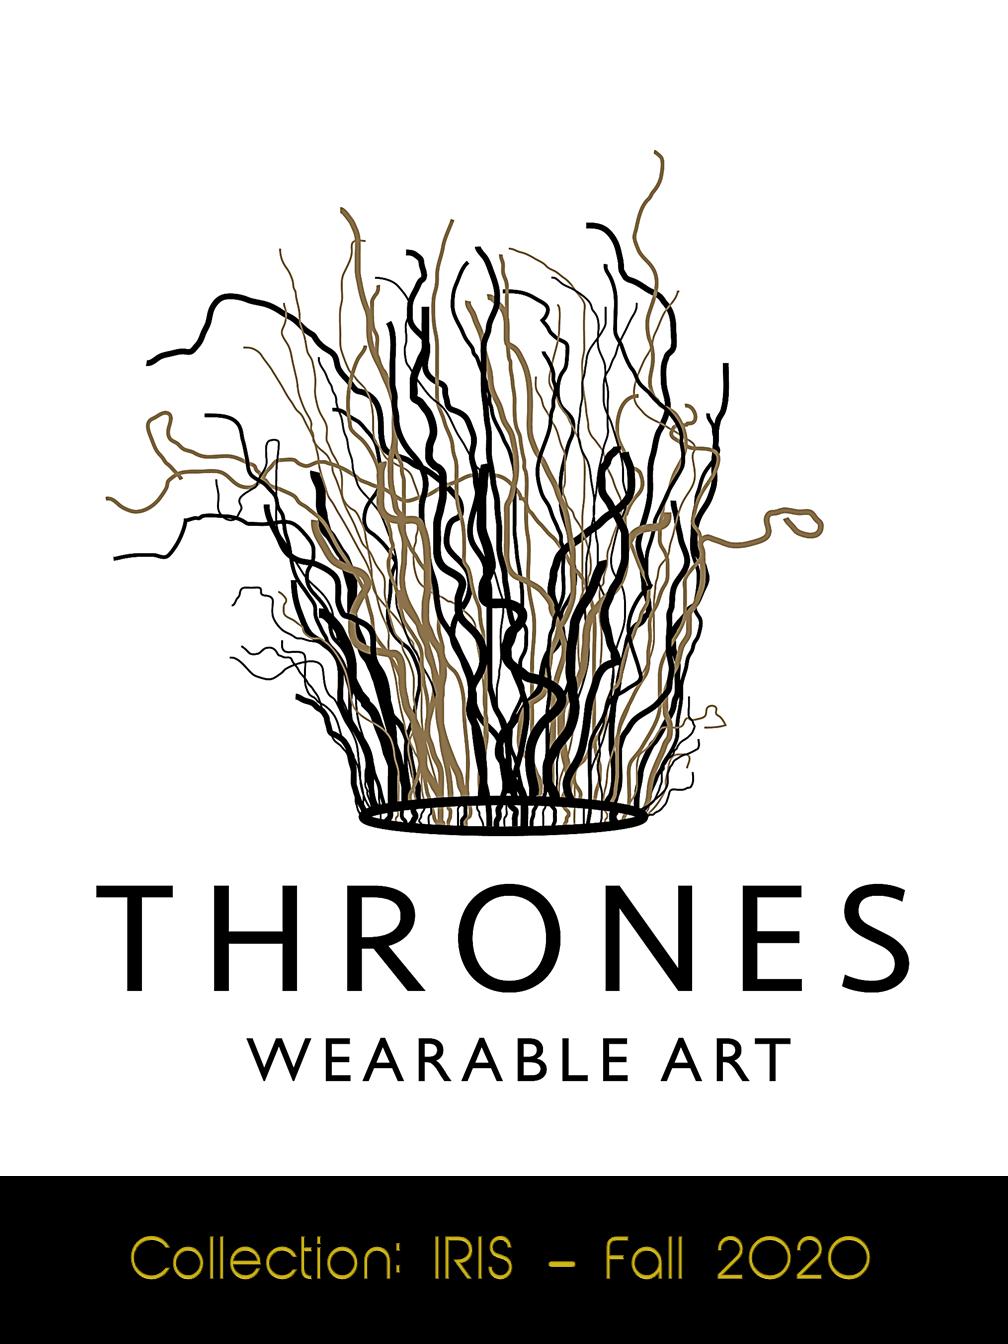 THRONES - Wearable Art